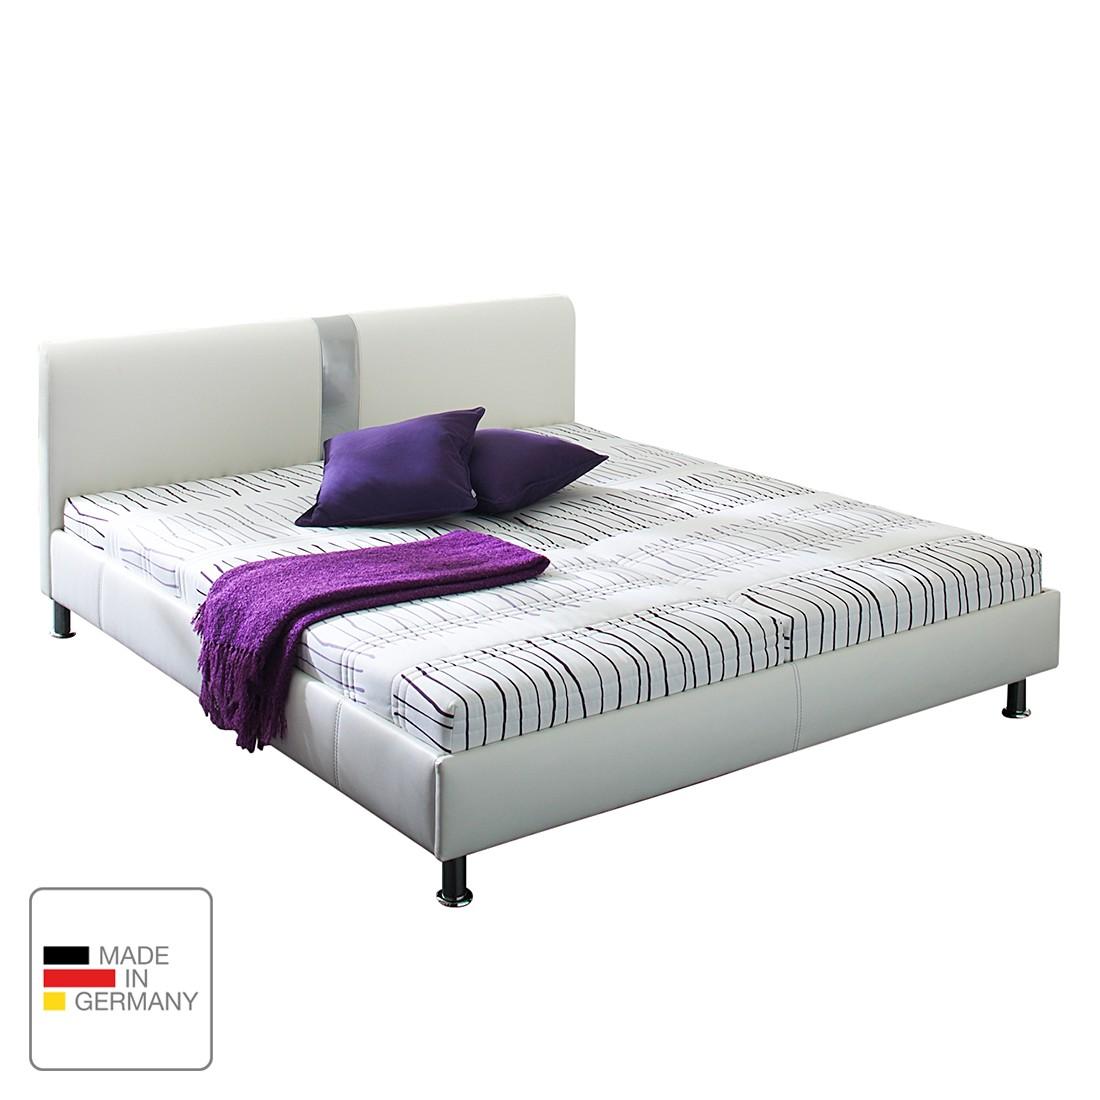 Lit capitonné Umea - Imitation cuir - 140 x 200cm - Sans matelas - Structure de lit sans sommier à lattes - Blanc, mooved